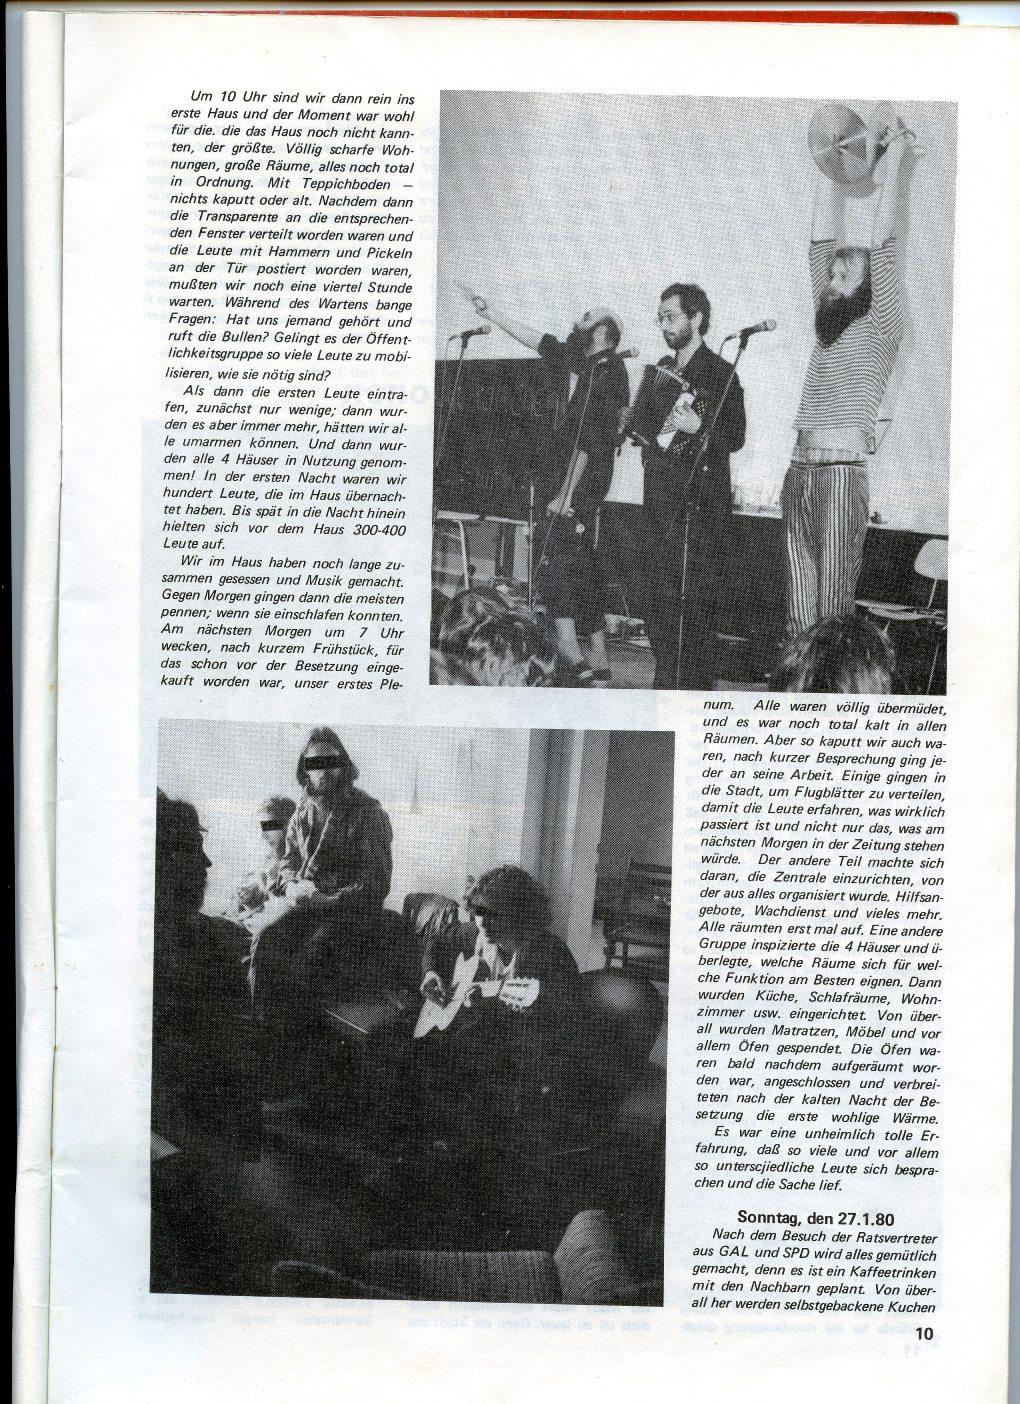 Muenster_Hausbesetzung_1980_11